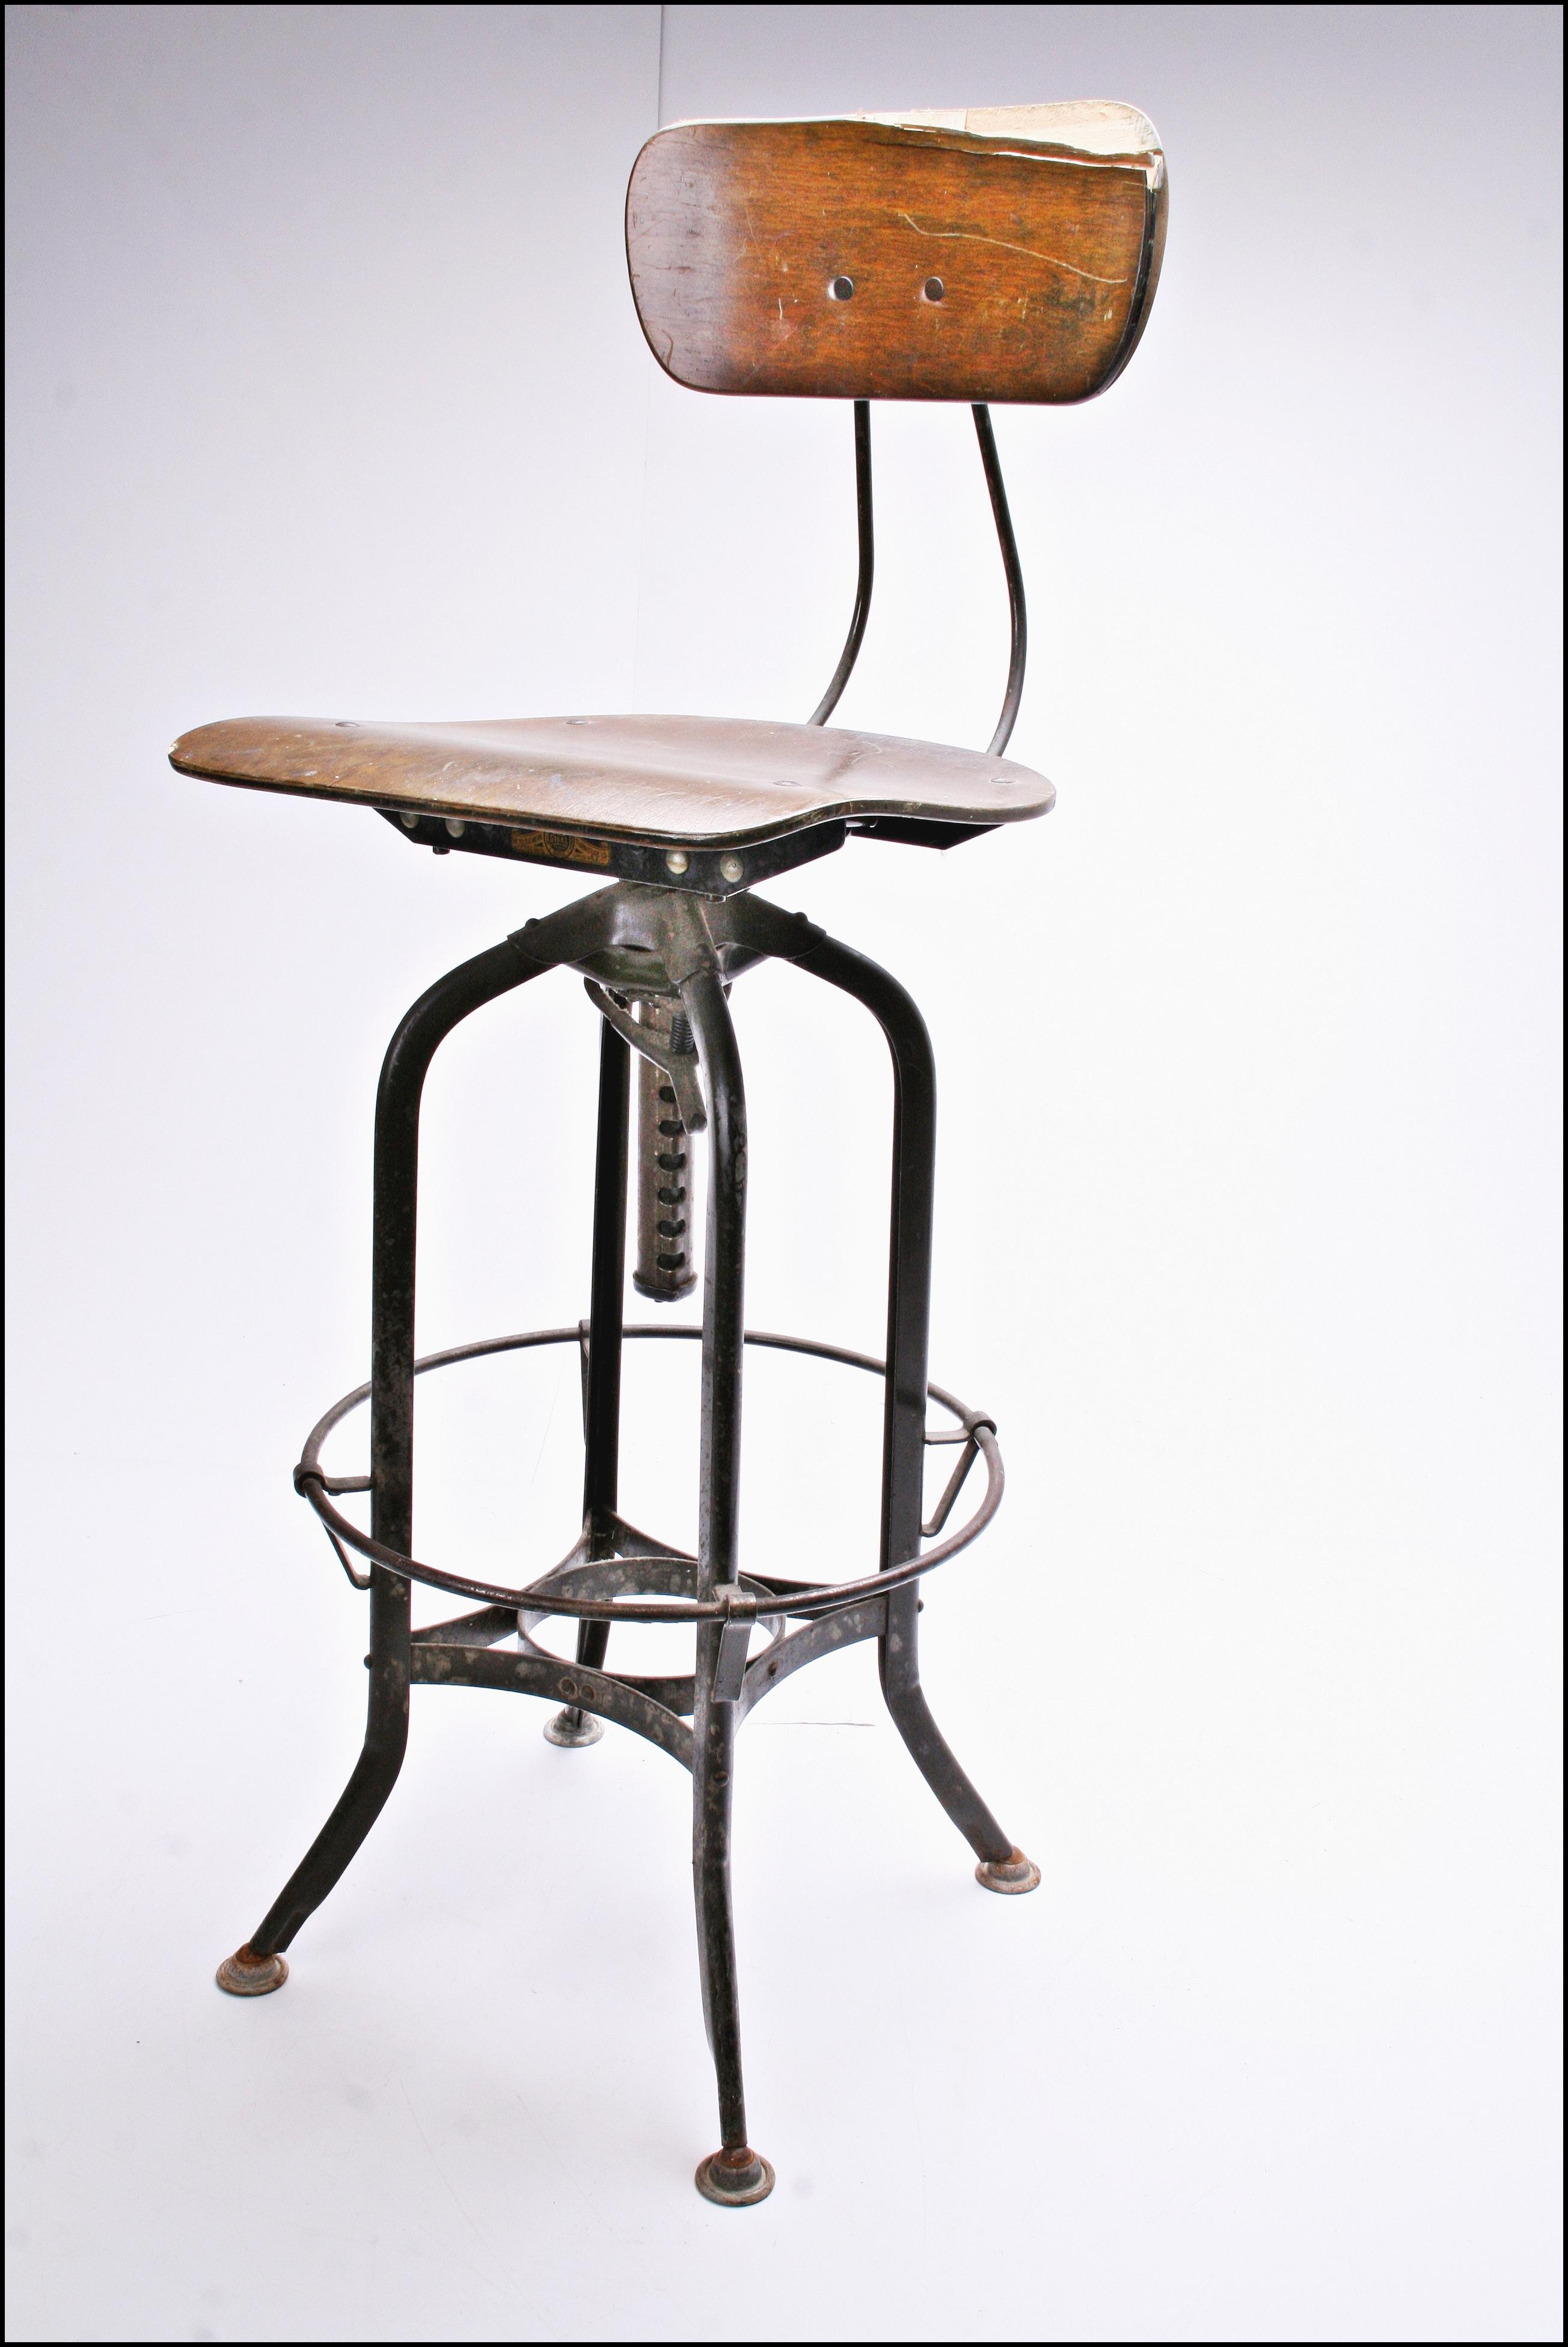 Vintage Industrial Toledo Uhl Drafting Stool Chairish